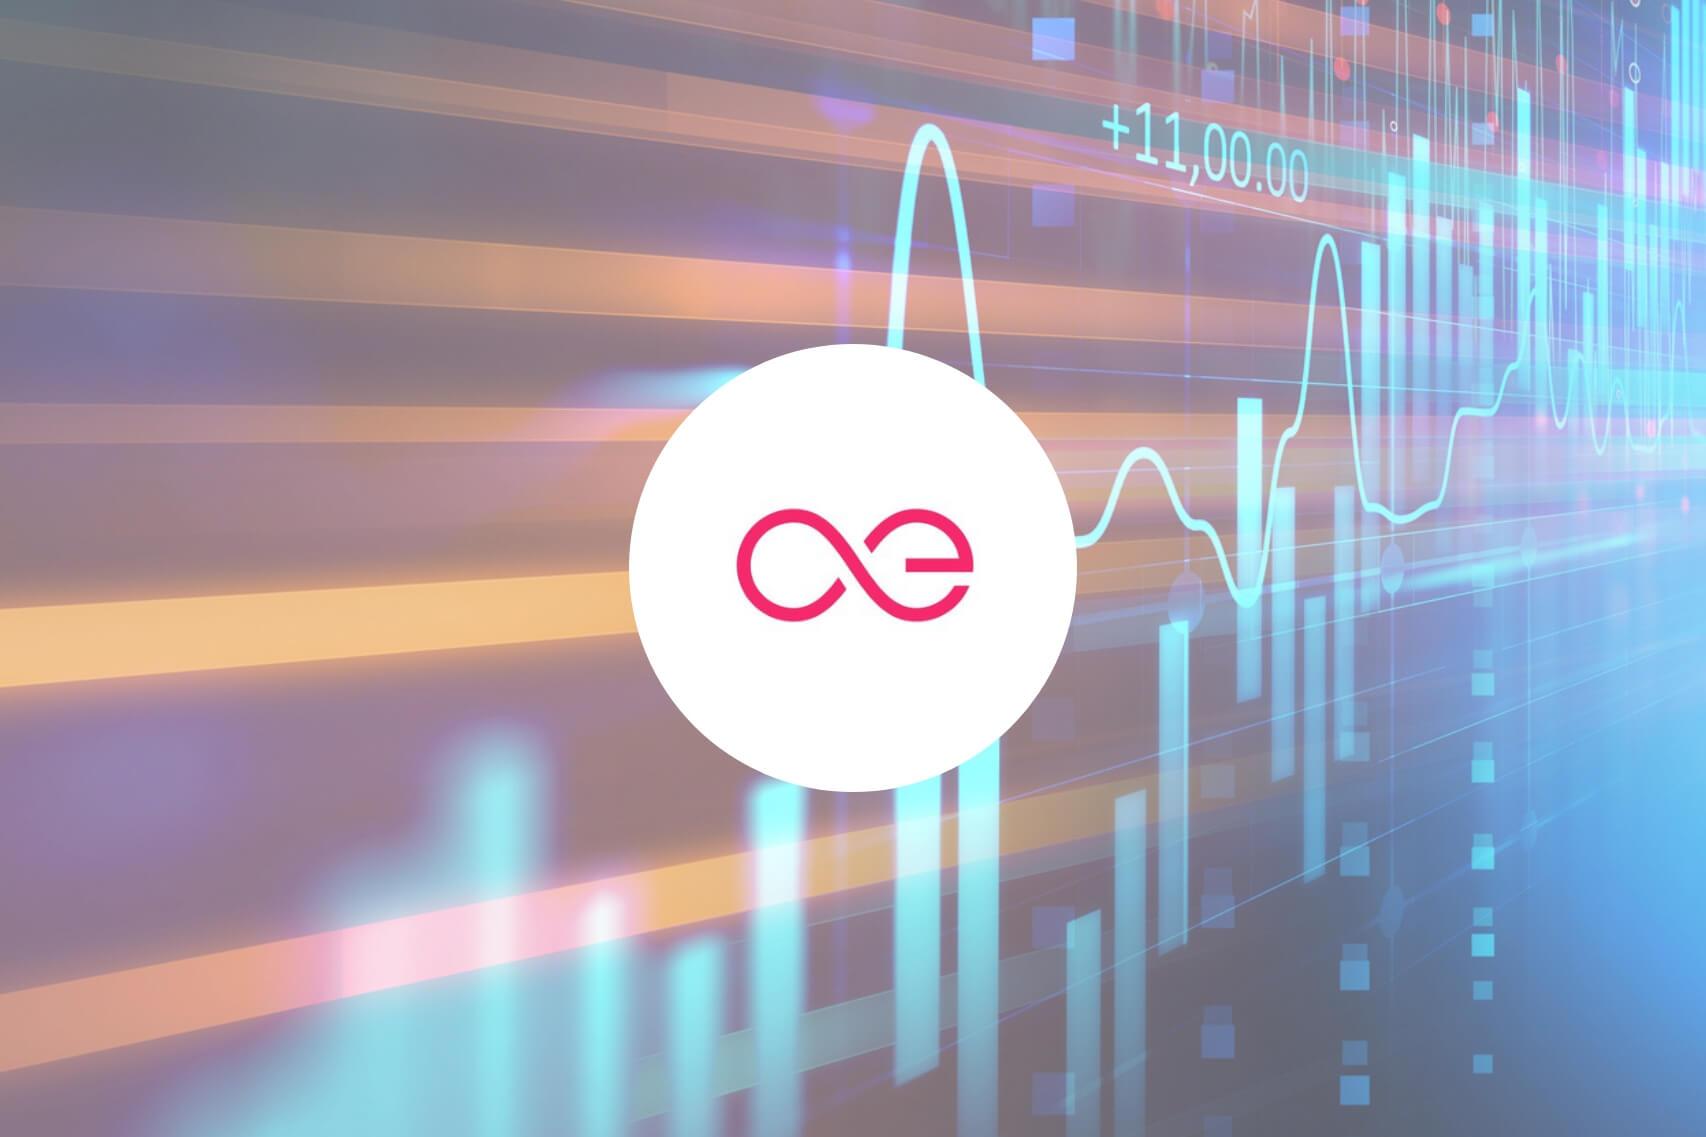 Price Analysis: AE